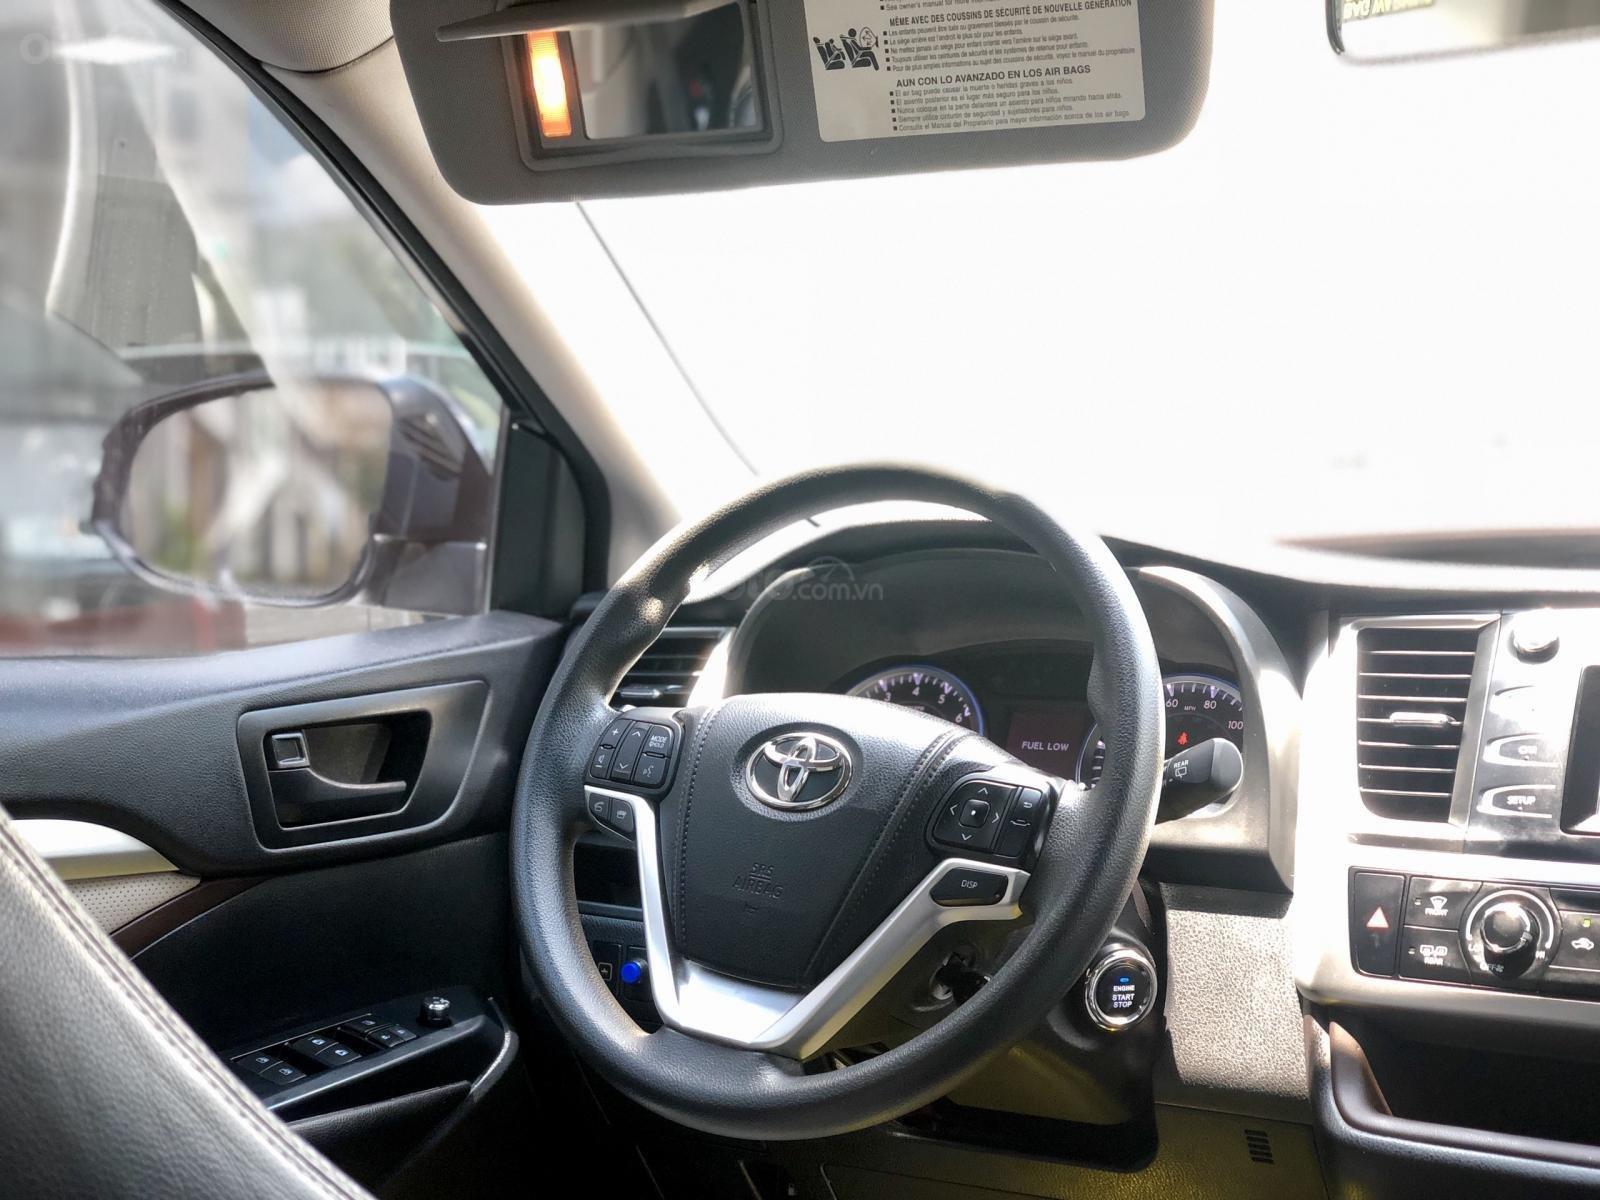 Bán Toyota Highlander SX 2014 siêu đẹp, LH Ms Hương 0945.39.2468 (14)